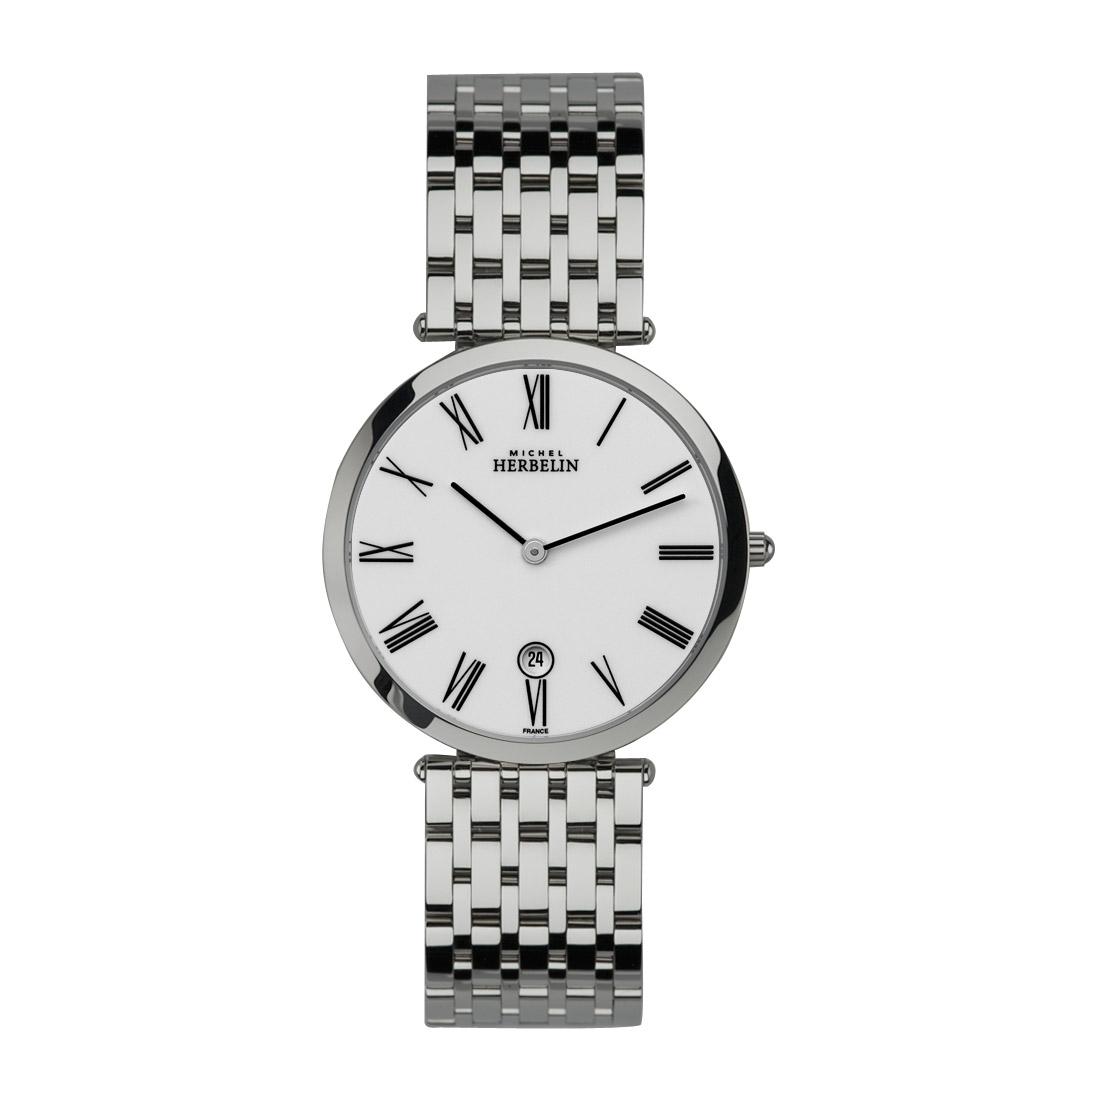 【クーポン利用で10%OFF】414/B01 MICHEL HERBELIN ミッシェル エルブラン イプシロン メンズ 腕時計 国内正規品 送料無料